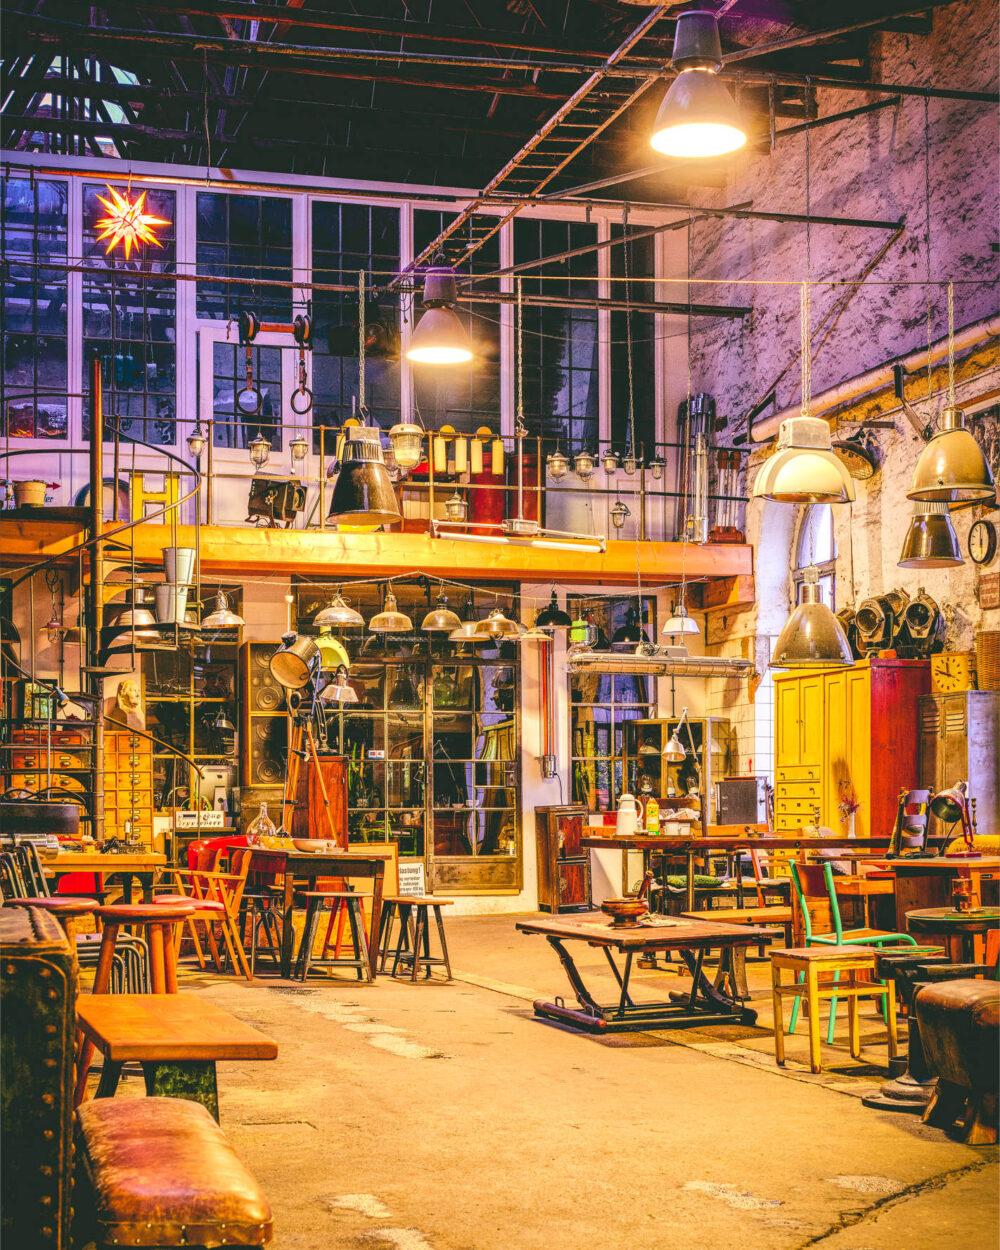 Eine farbenfrohe Schreinerei in der alten Feinkost EG in Leipzig